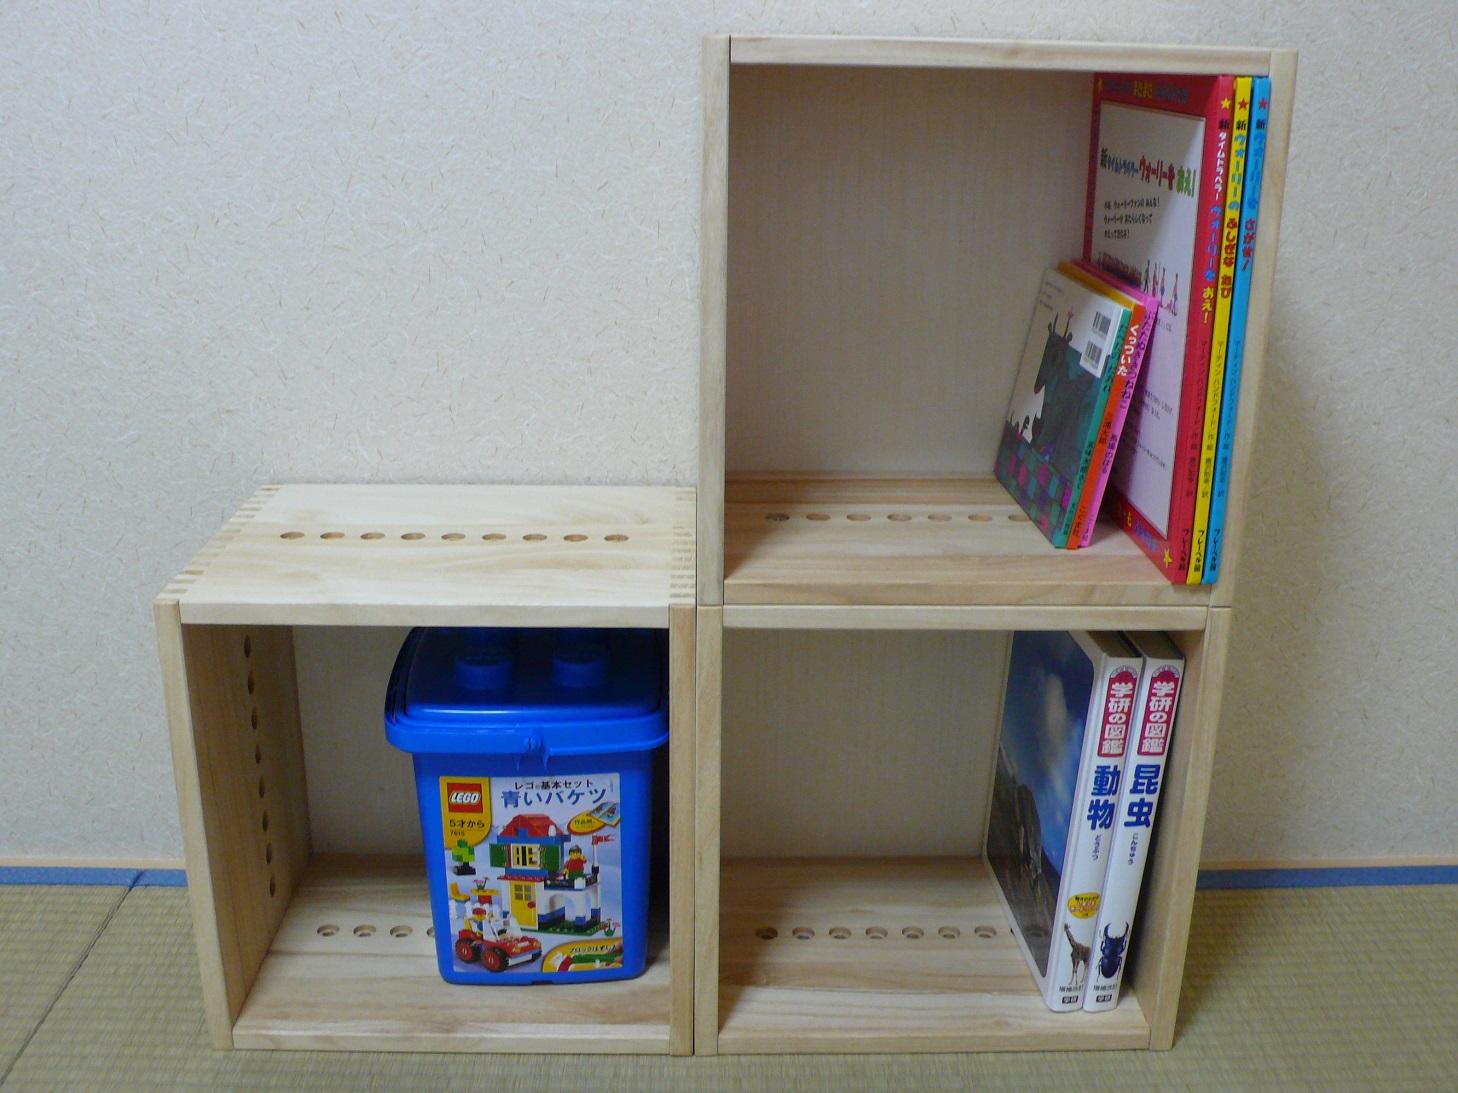 【素敵です。】 子供の絵本をしまうために購入しました。初めはいわゆる本棚を探していましたが、絵本はサイズがバラバラなのでなかなか適当なものが無く、買うのを躊躇していました。こちらの商品は好きな形に組み換えられ、買い足す事もでき、ばらせば移動も簡単なので大変便利だと思います。ちょっとお高いのが難点ですが。【子供部屋 無垢 木製 収納 ラック キューブ カラーボックス 本棚 絵本 おもちゃ 収納 図鑑 大型本】